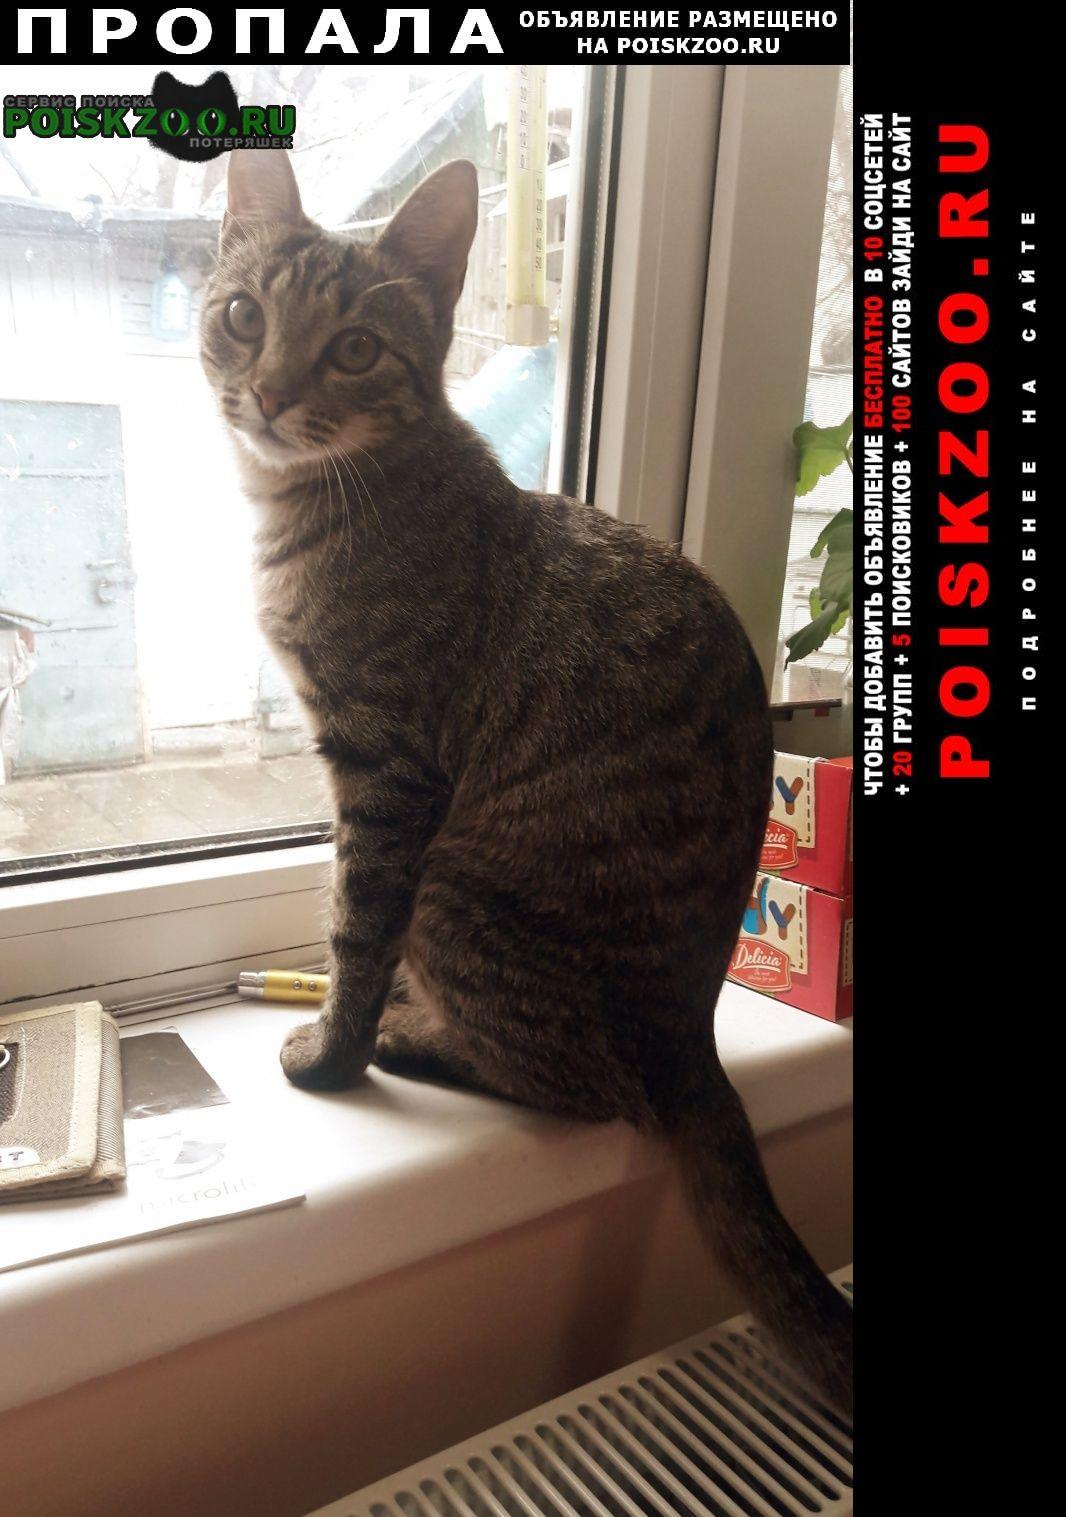 Пропала кошка тигрового окраса, айва Черкассы